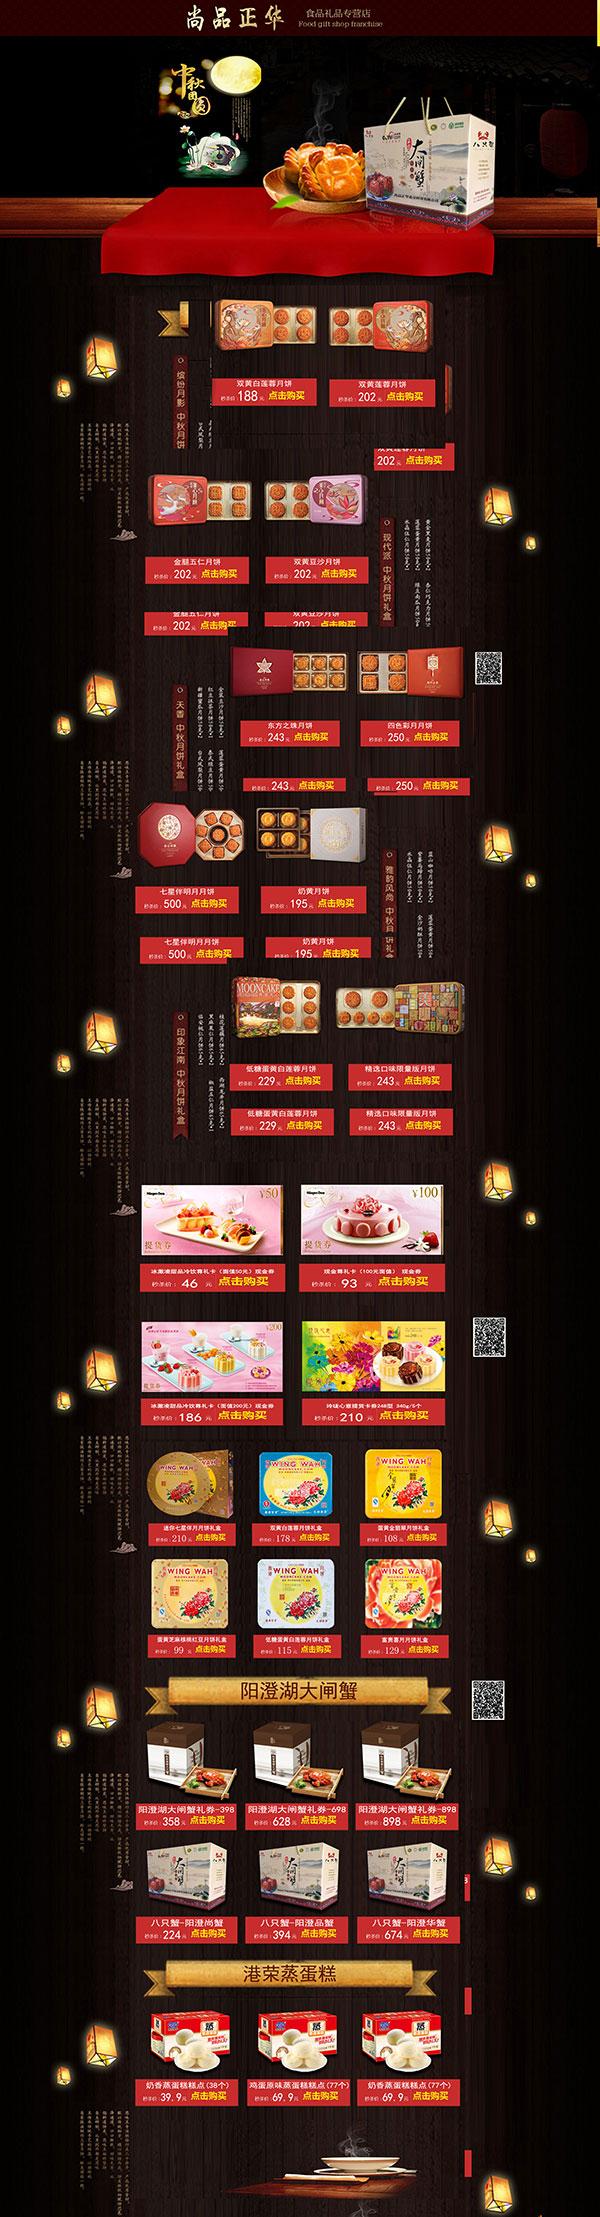 素材分类: 网页所需点数: 0 点 关键词: 淘宝天猫中秋节礼品店铺装修图片